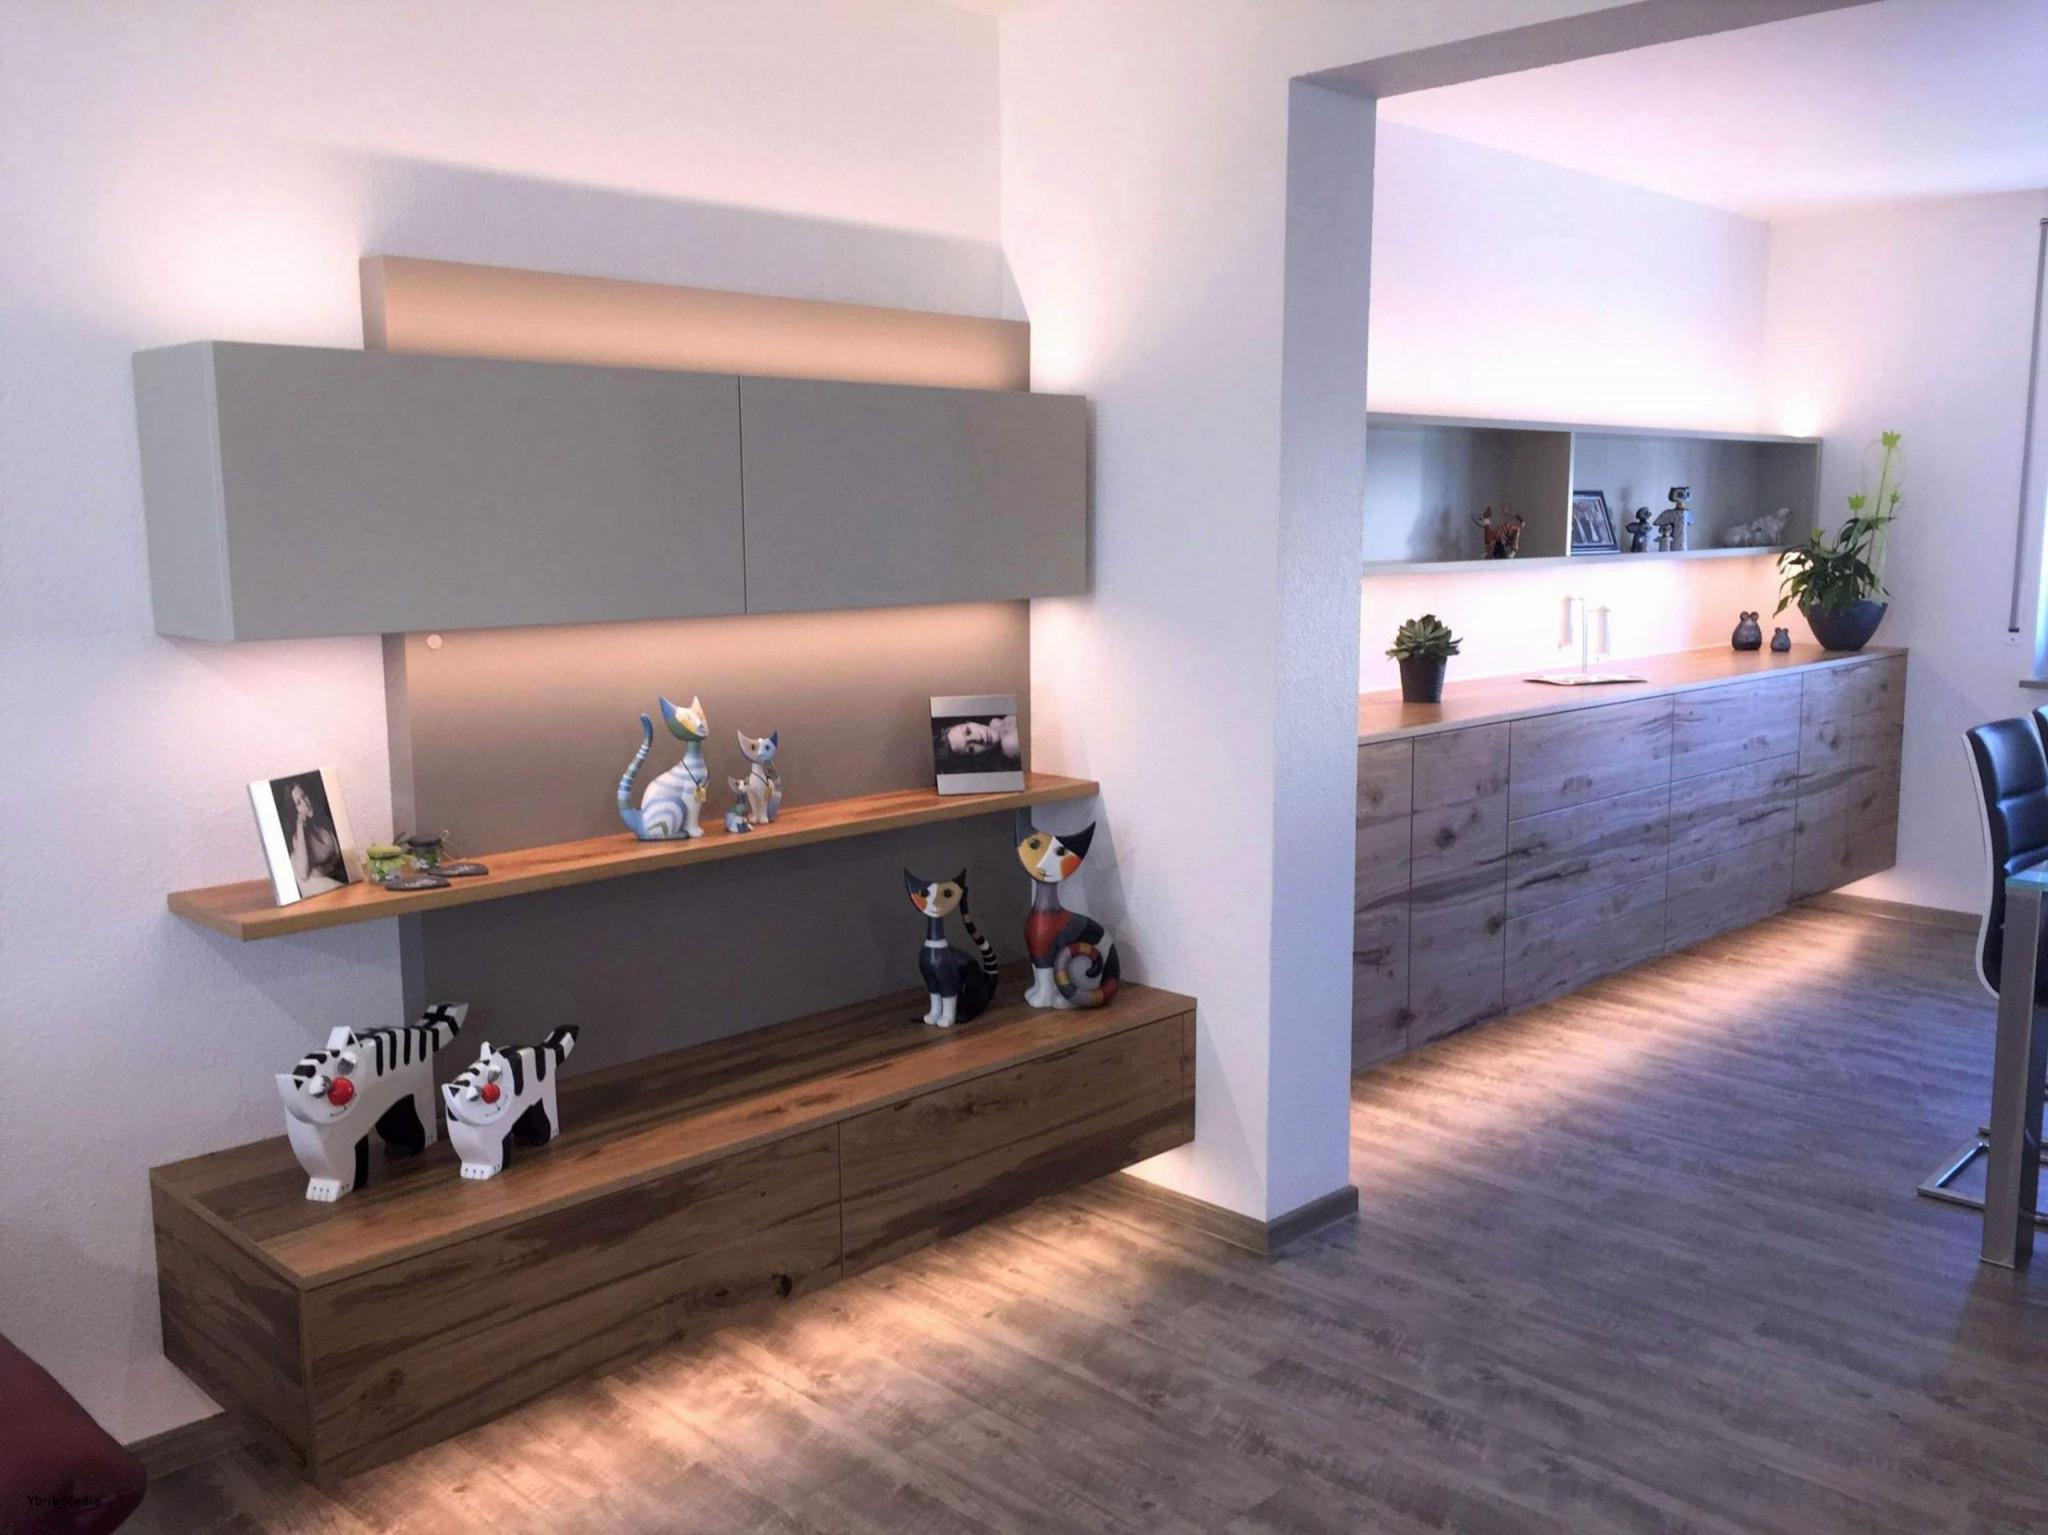 34 Genial 20 Qm Wohnzimmer Einrichten Elegant  Wohnzimmer von Wohnzimmer 20 Qm Einrichten Photo